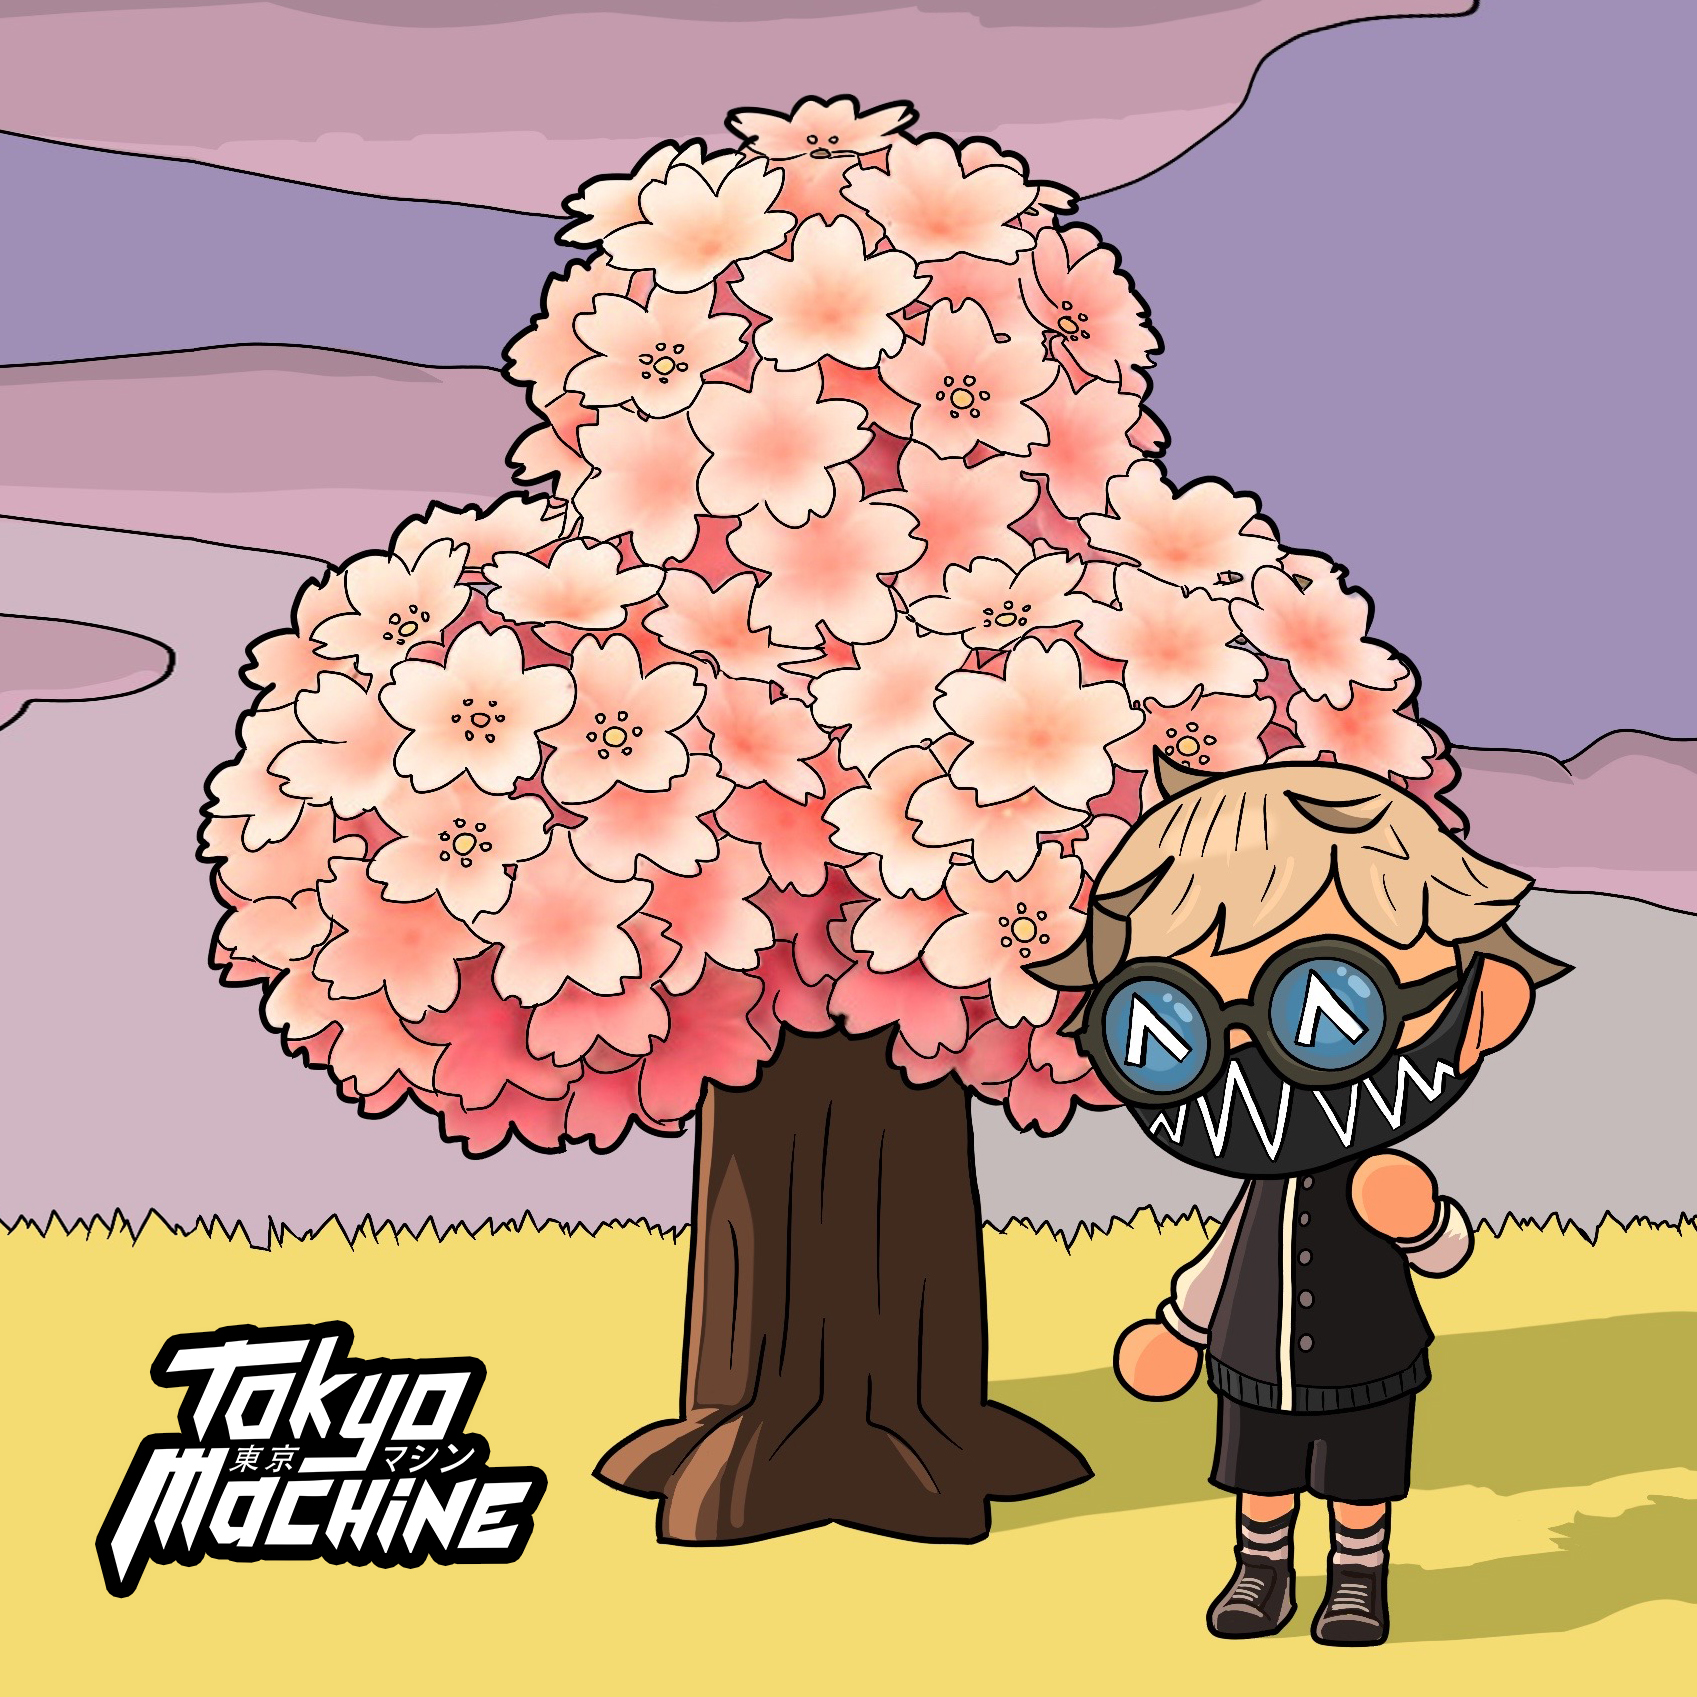 Tokyo Machine – New Horizons